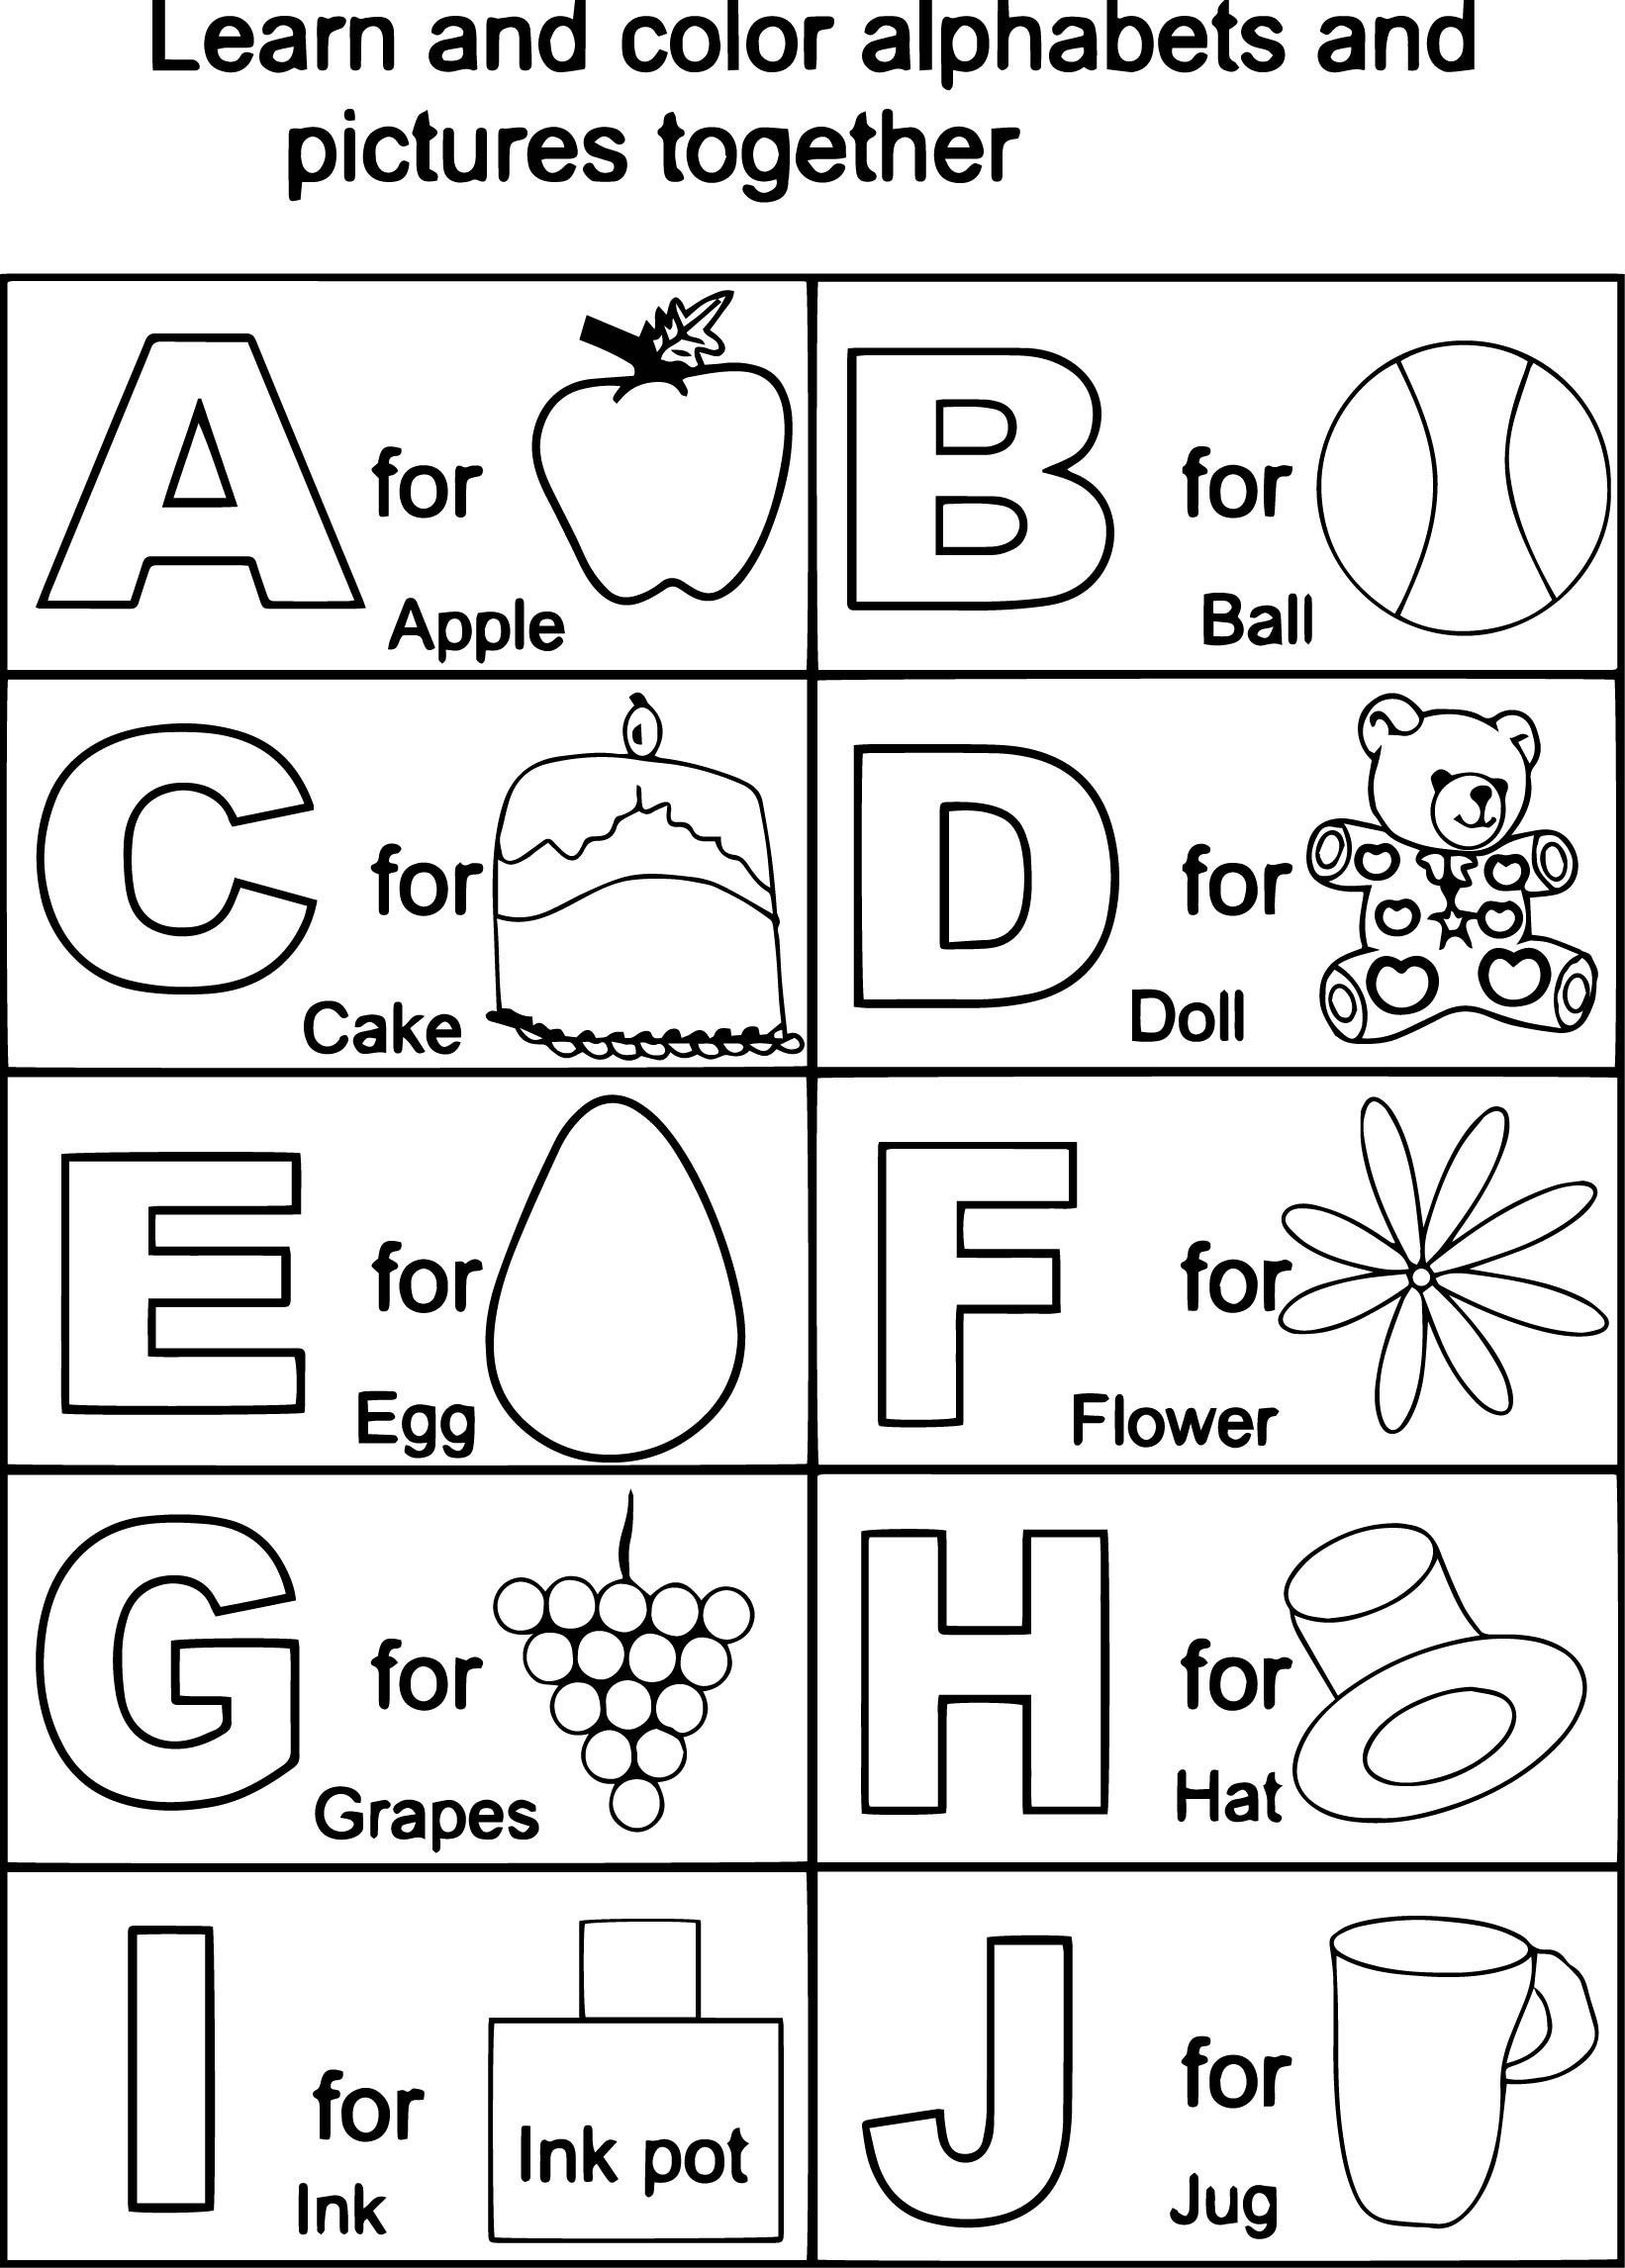 Pin By Deborah Santoro On Kids Baby Stuff Coloring Worksheets For Kindergarten Kindergarten Coloring Pages Abc Coloring Pages [ 2292 x 1642 Pixel ]